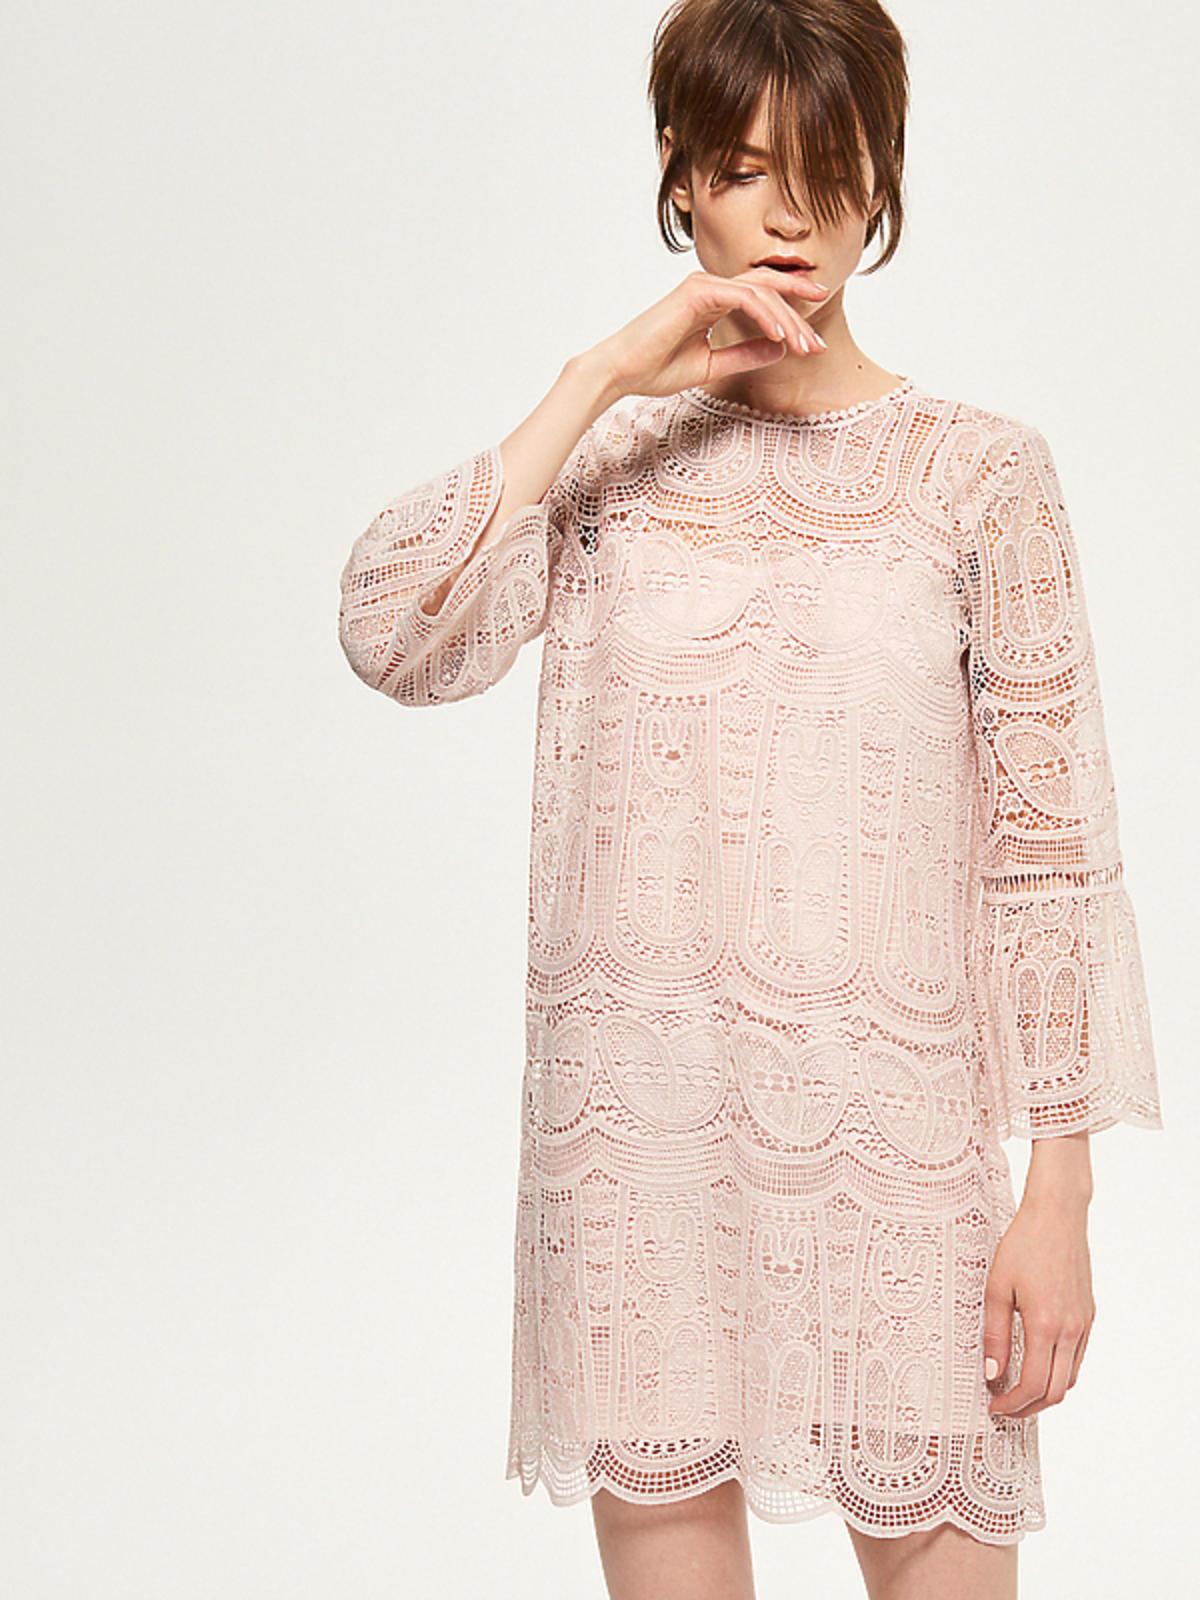 Jasnoróżowa, koronkowa sukienka, Reserved, 99,99 zł (ze 169,99 zł)